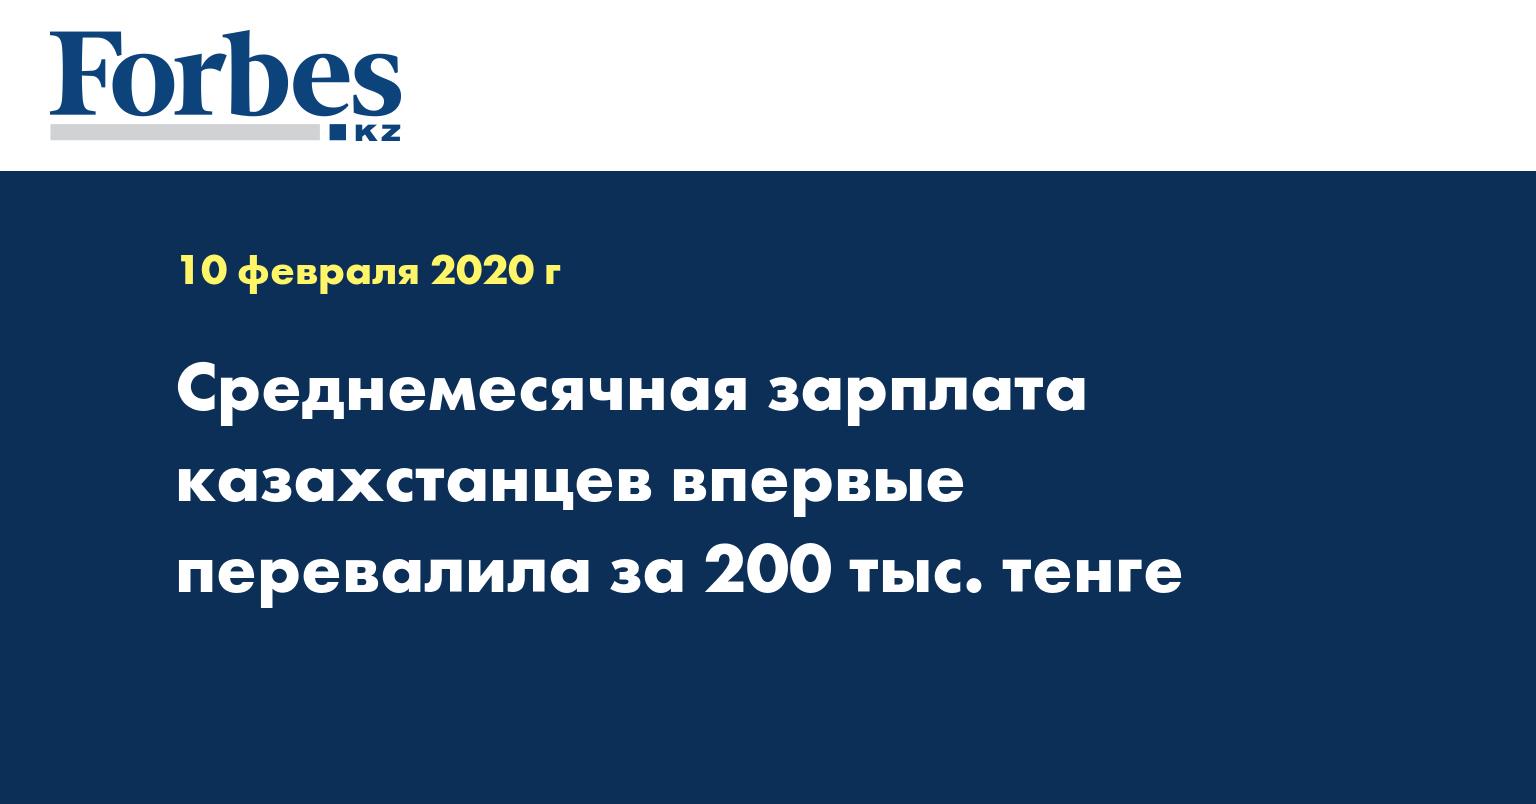 Среднемесячная зарплата казахстанцев впервые перевалила за 200 тыс. тенге